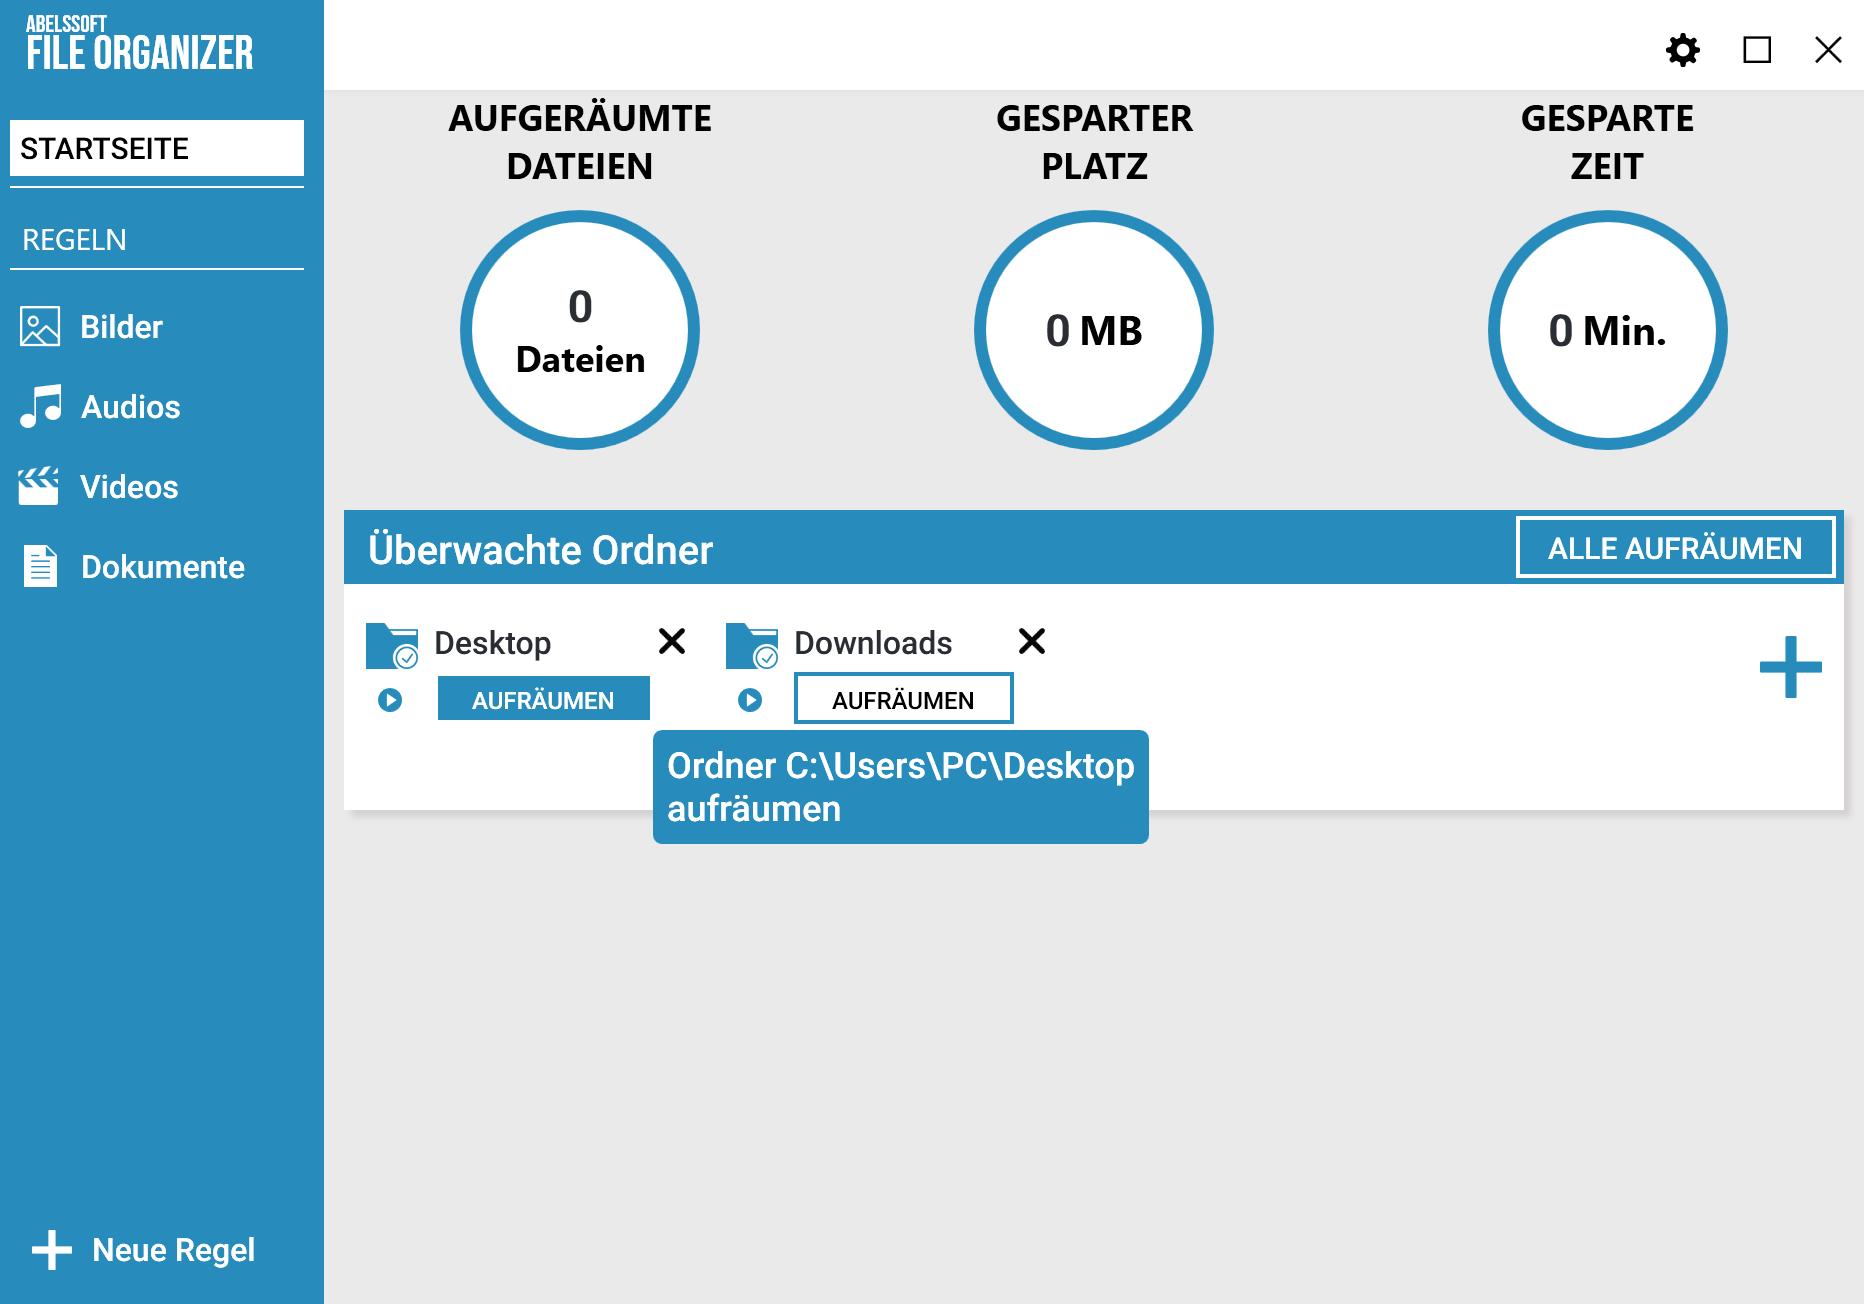 Desktop automatisch aufräumen - Aufräum-Vorgang starten